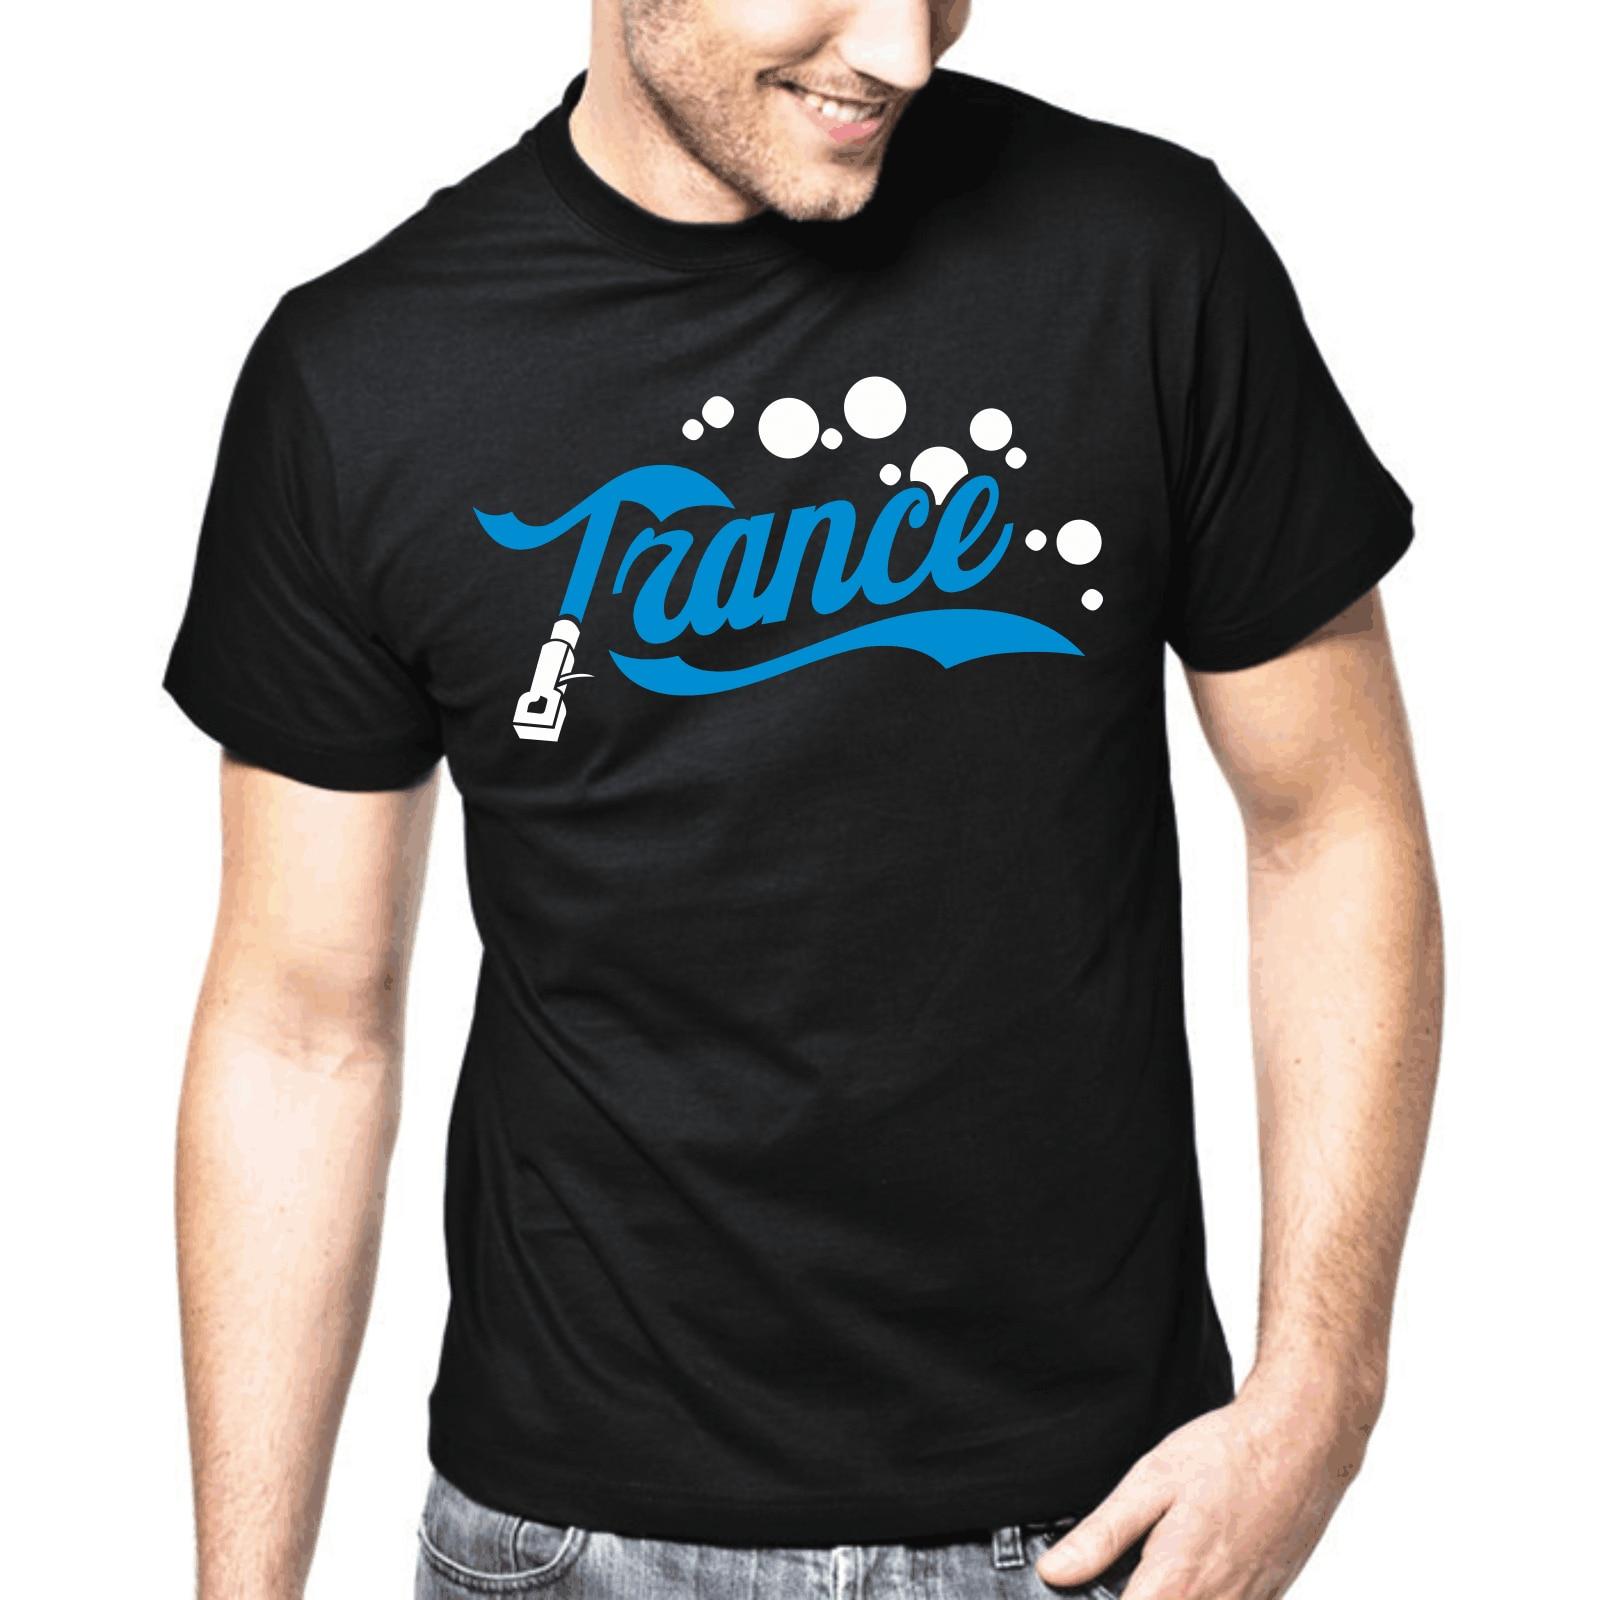 TRANCE  Techno  Electronic Music  Rave  DJ  Vinyl  Club  S-XXL T-Shirt